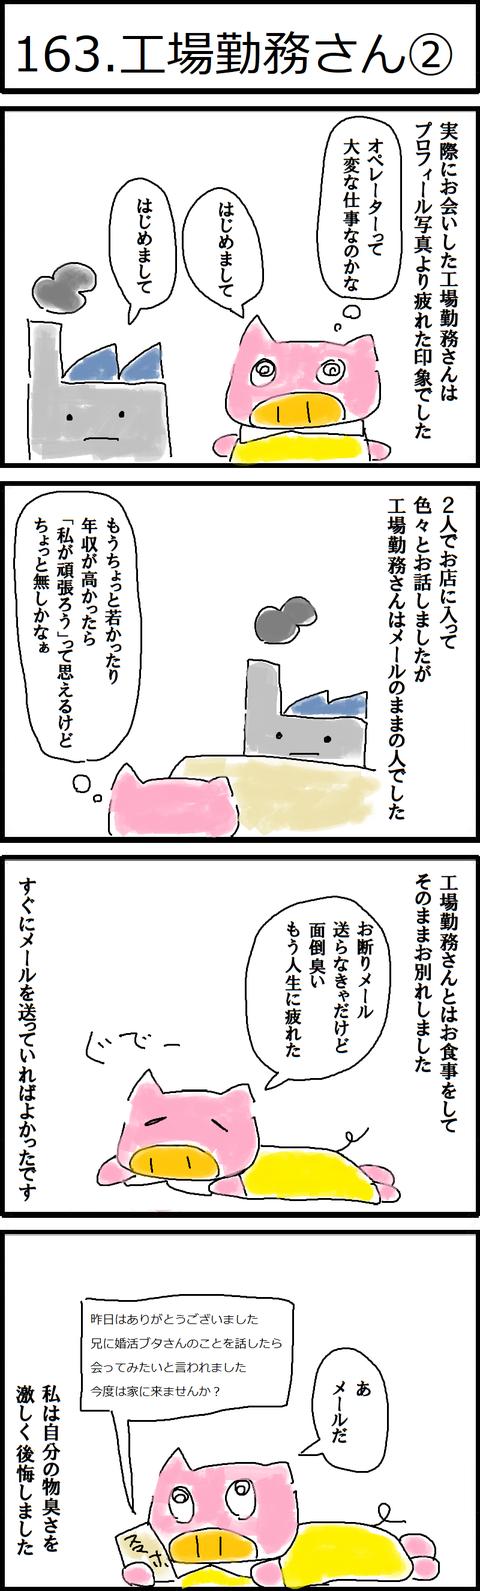 163.工場勤務さん②